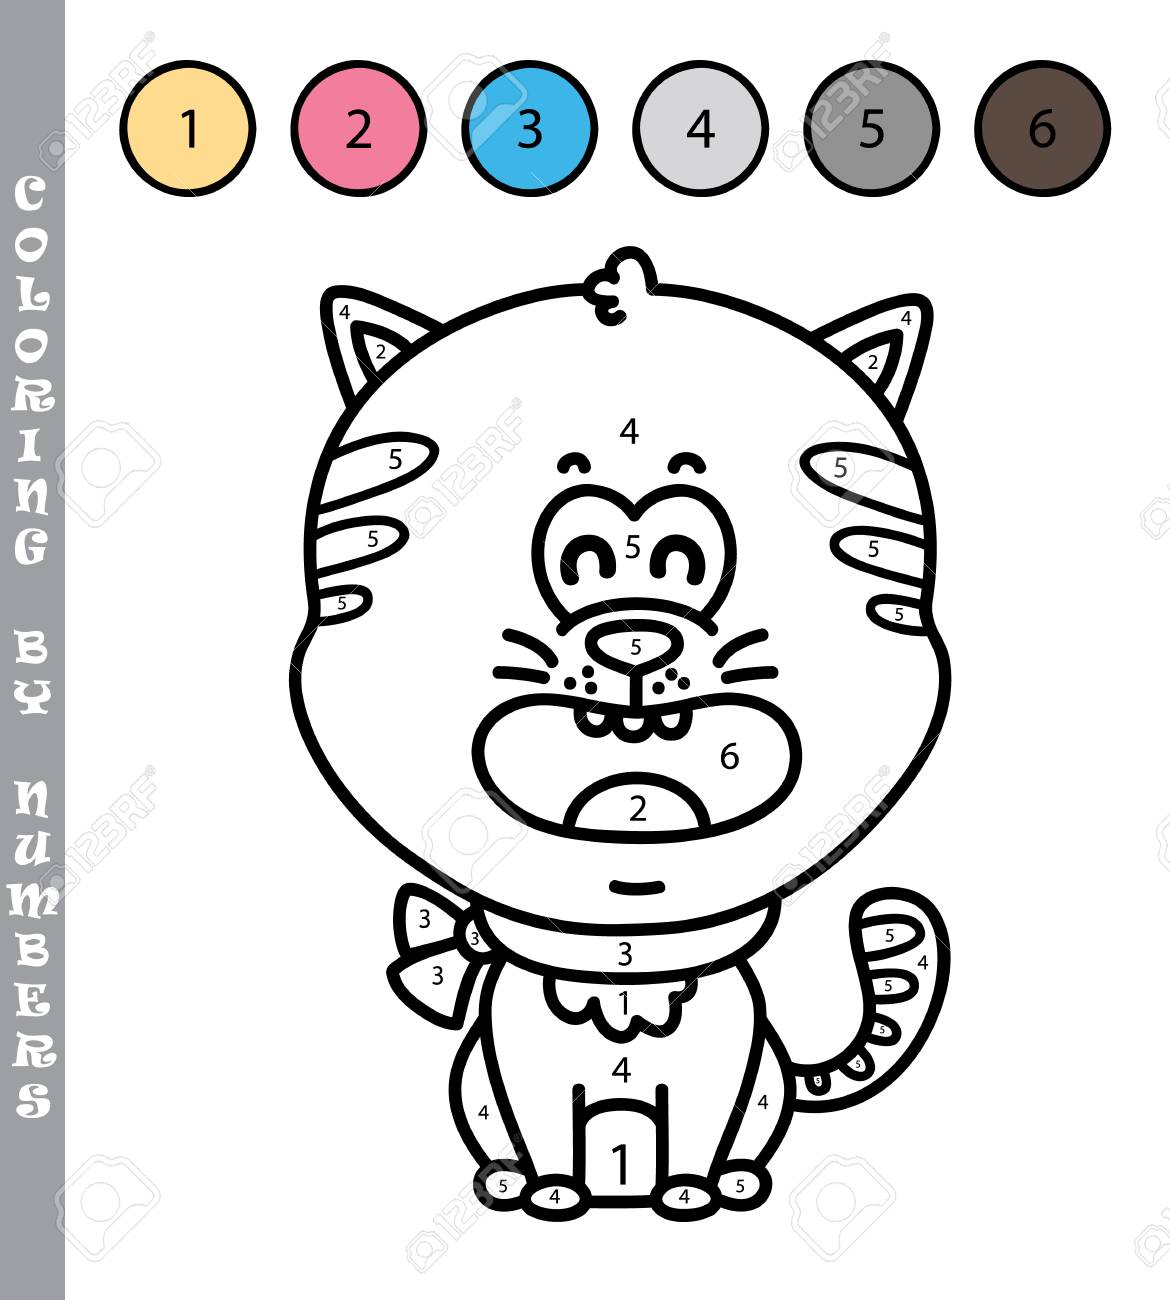 Divertido Juego De Colorear Por Números Ilustración De Vector Para Colorear Por Números Juego De Gatito De Dibujos Animados Para Niños